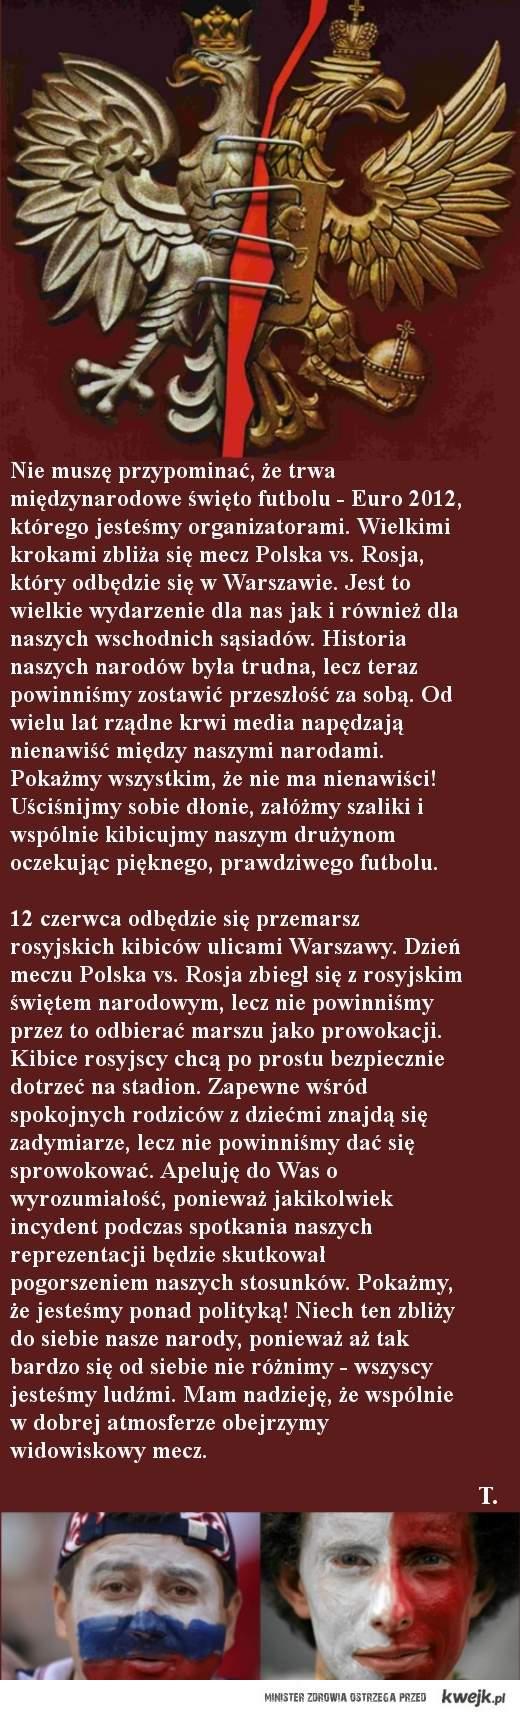 12 czerwca - Polska i Rosja